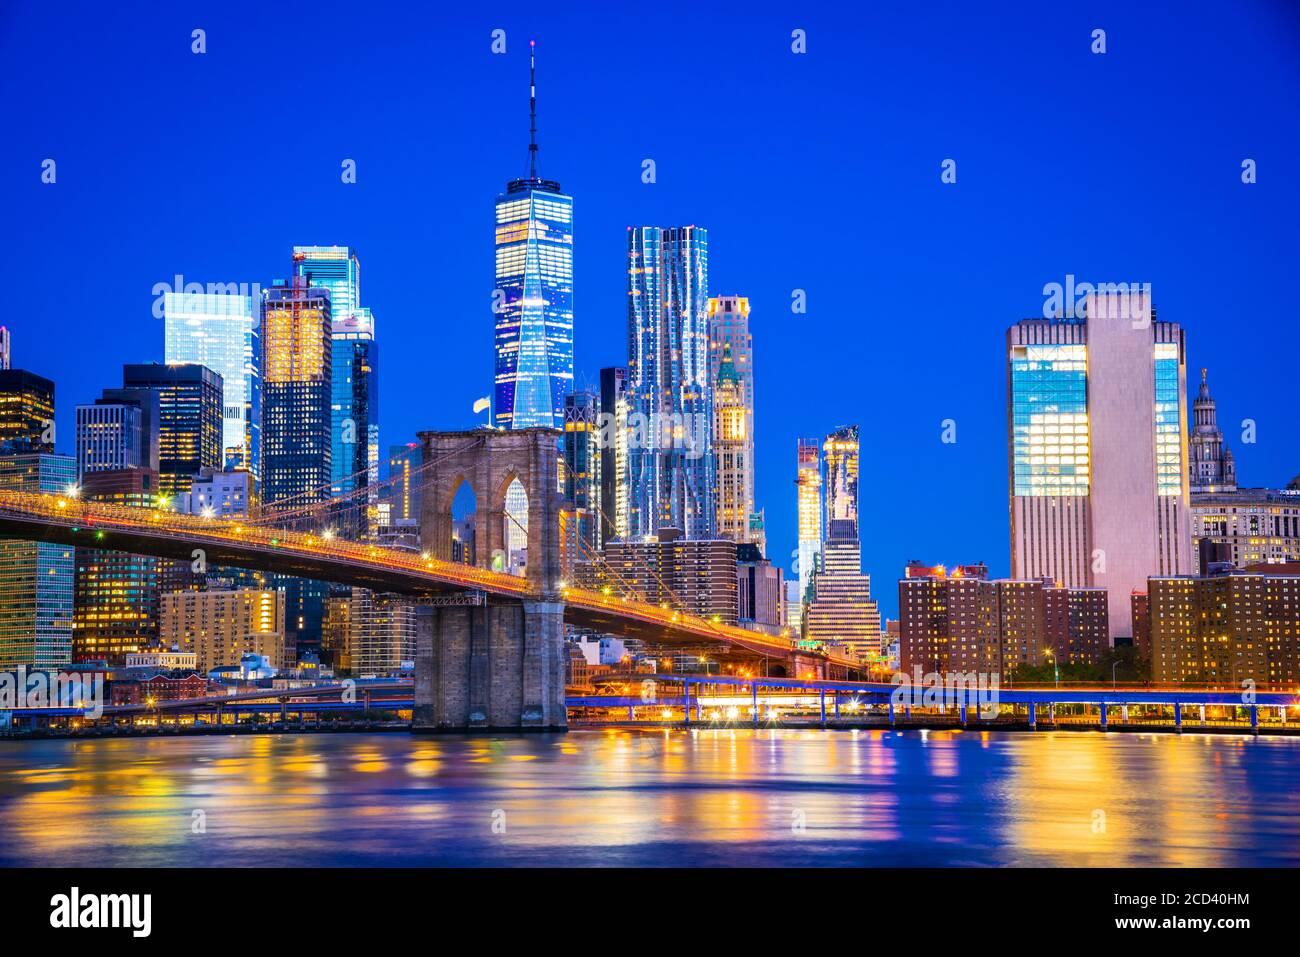 New York, Vereinigte Staaten von Amerika - Panoramablick auf Lower Manhattan, Brooklyn Bridge und Freedem Tower. Stockfoto